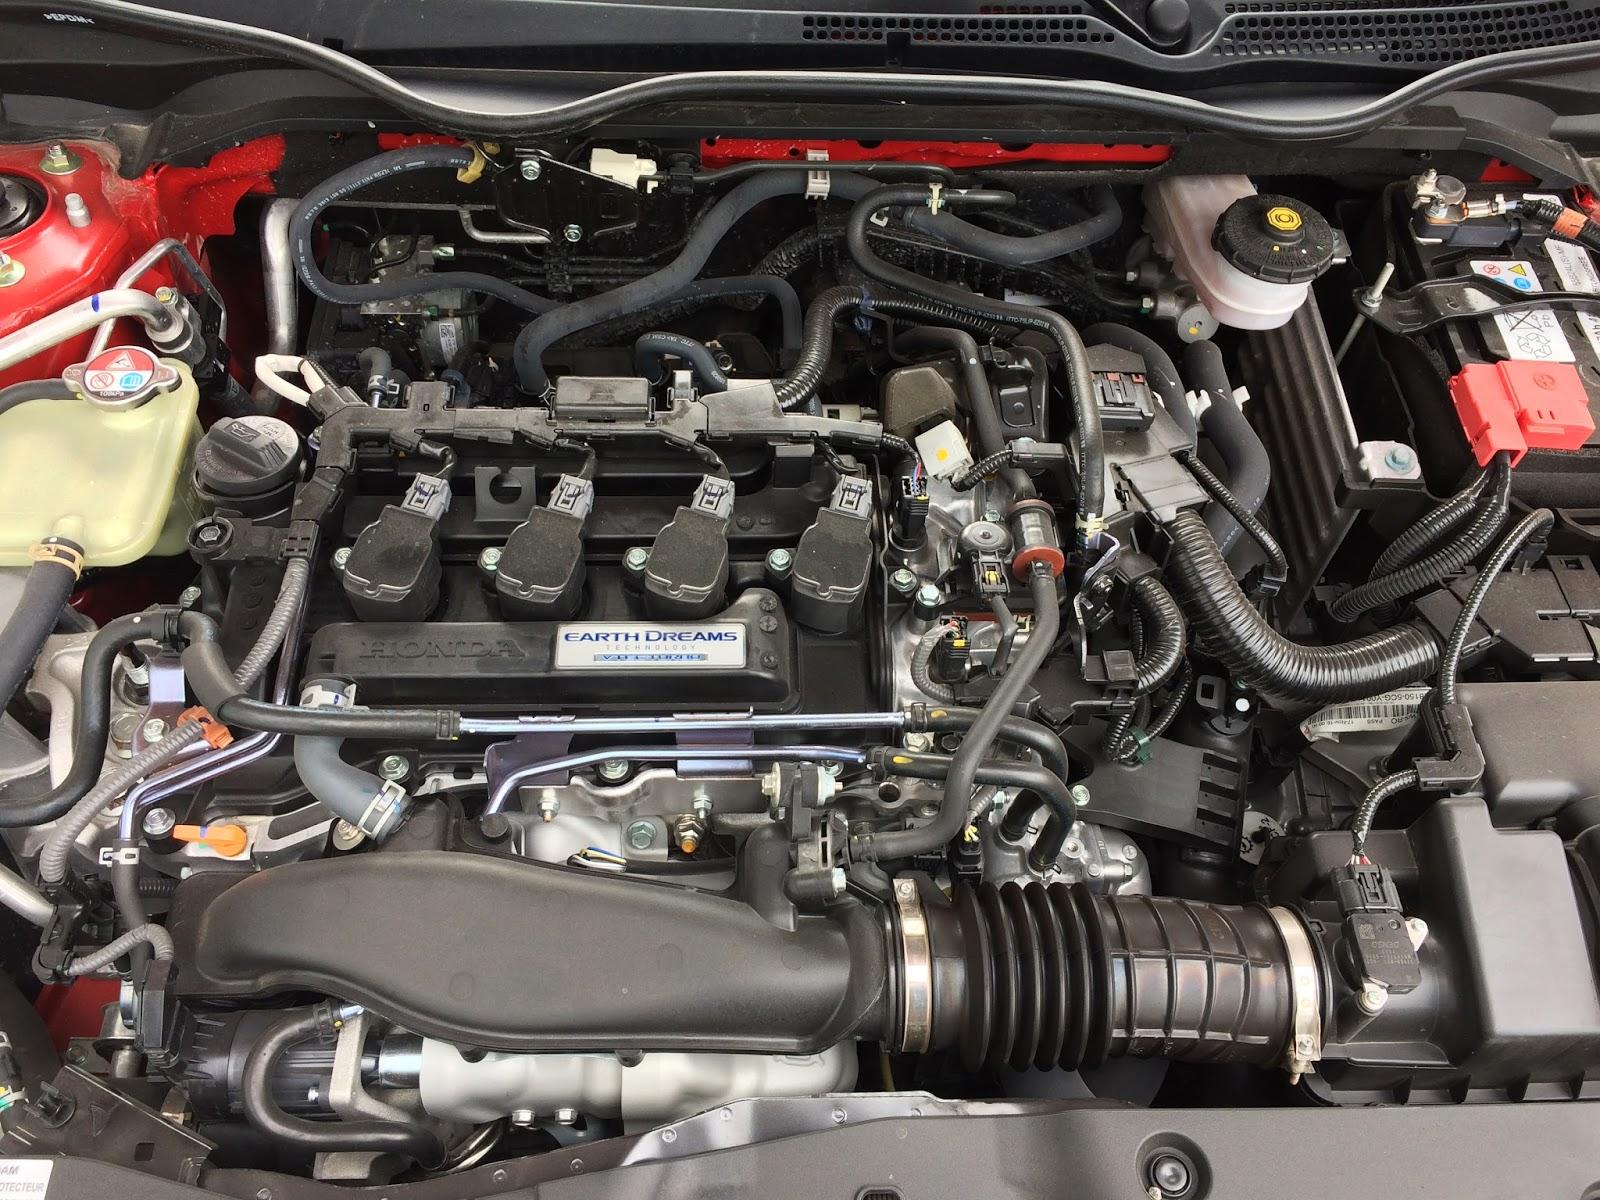 fuel efficient honda vtec tur - HD1600×1200